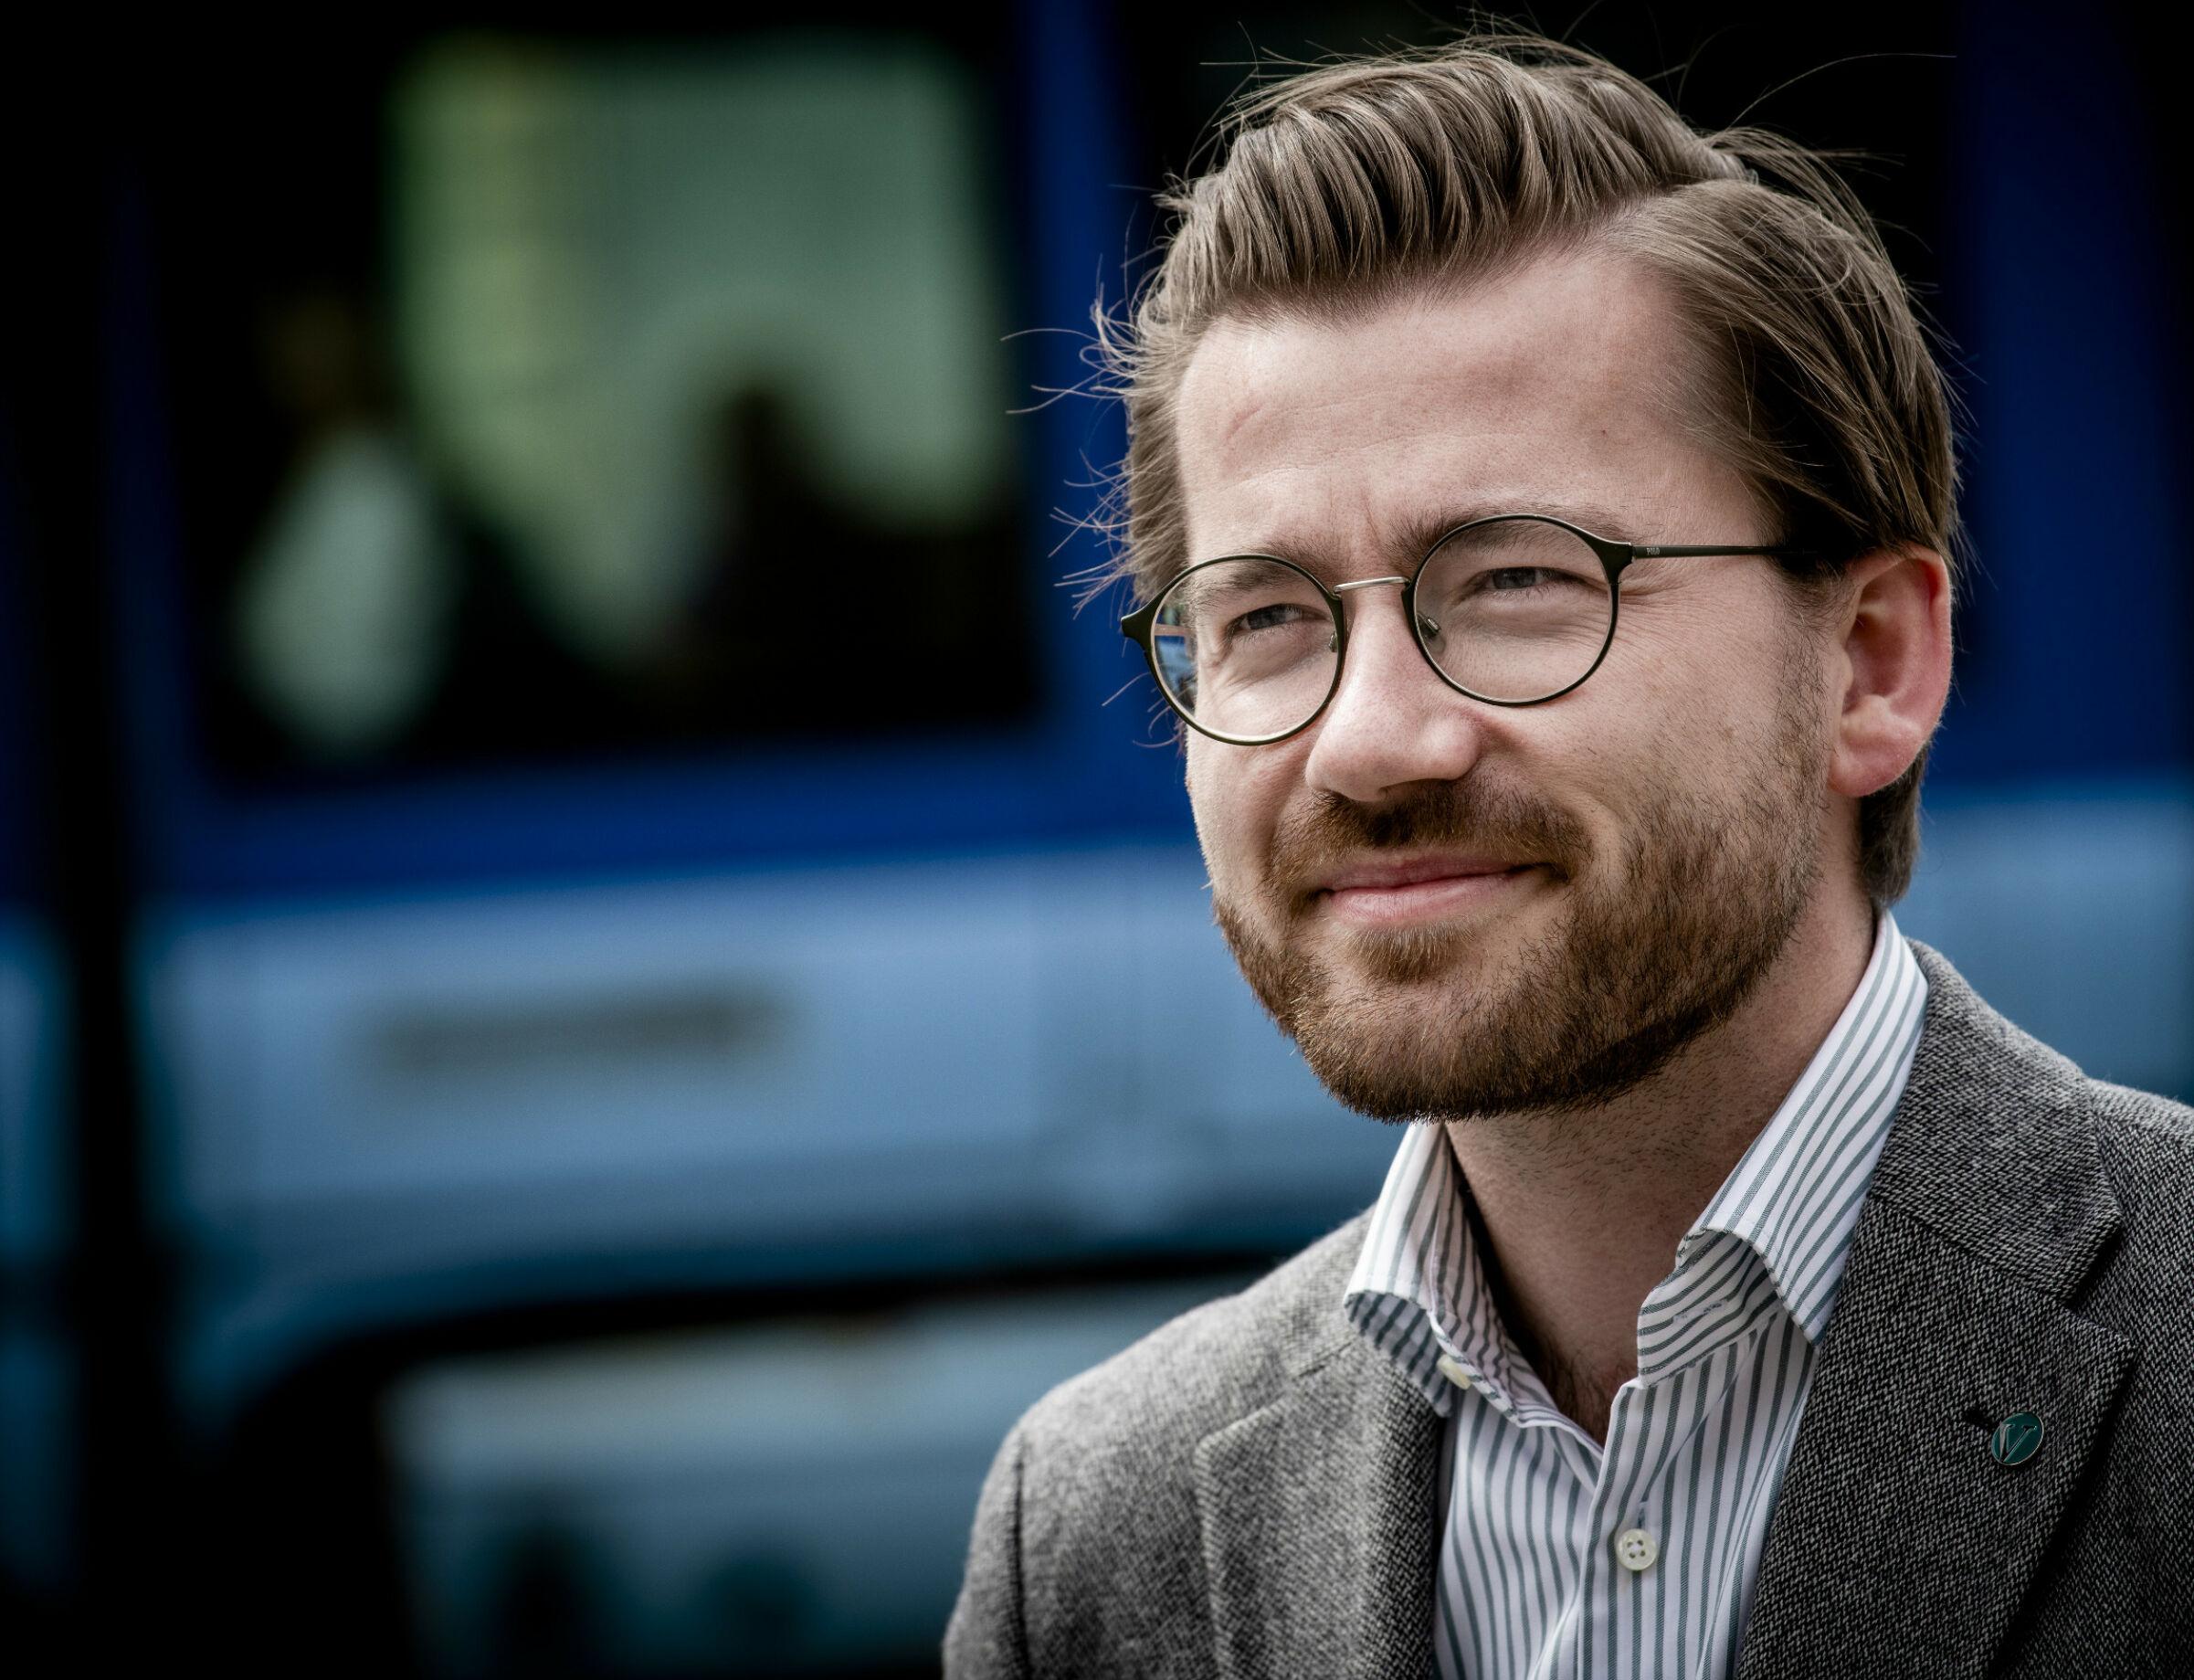 – TA ANSVAR: Klima- og miljøminister Sveinung Rotevatn (V) jobber med en strategi for sirkulærøkonomi, men mener bilbransjen og forsikringsbransjen likevel må ta ansvar selv. Foto: Lars Eivind Bones / Dagbladet